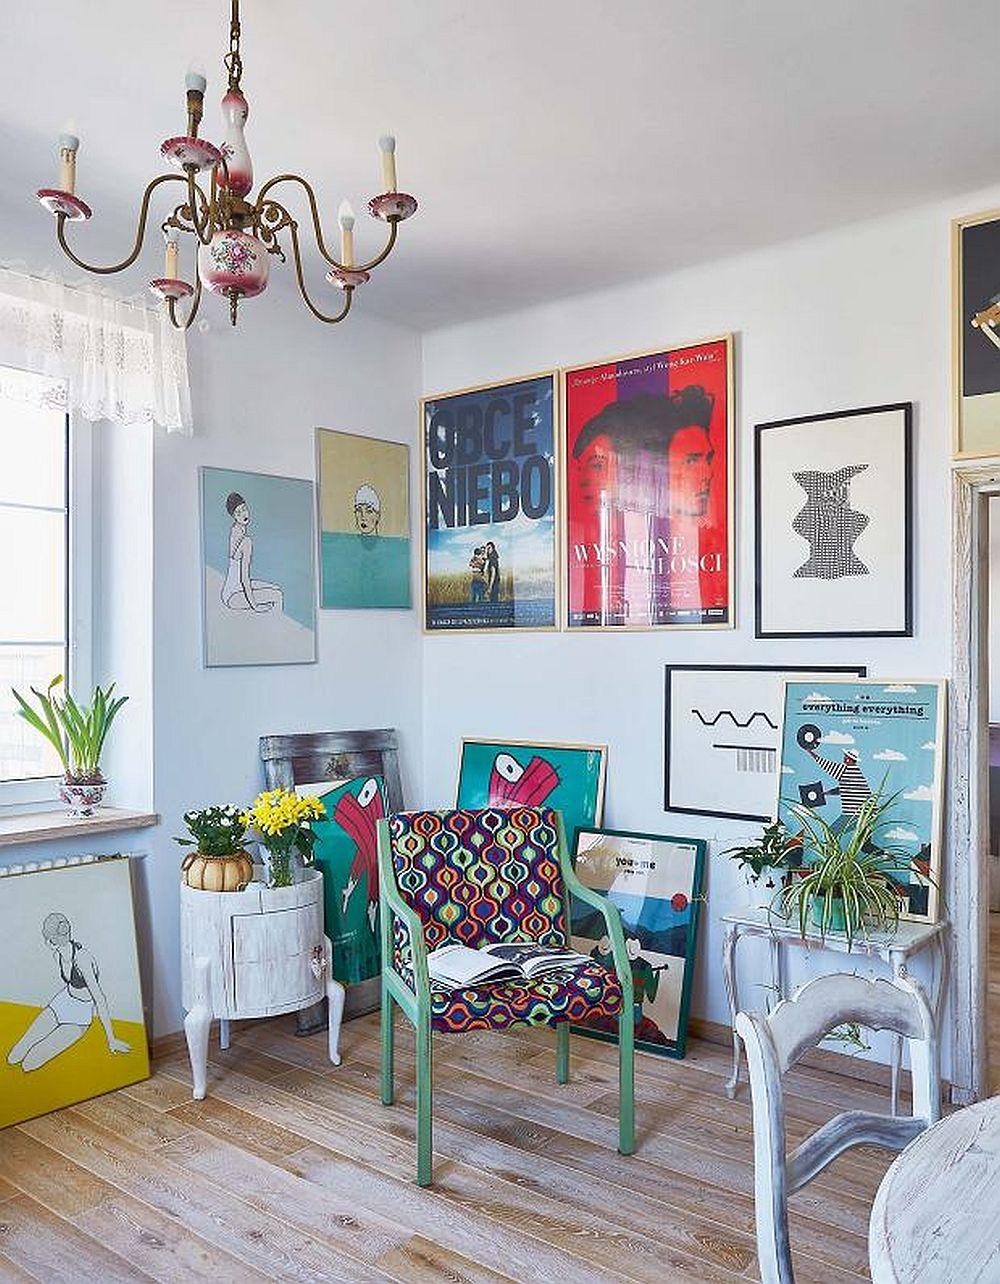 Într-un colț al bucătăriei se află colecția de postere și lucrări de grafică ale proprietarei, care colorează ambientul.